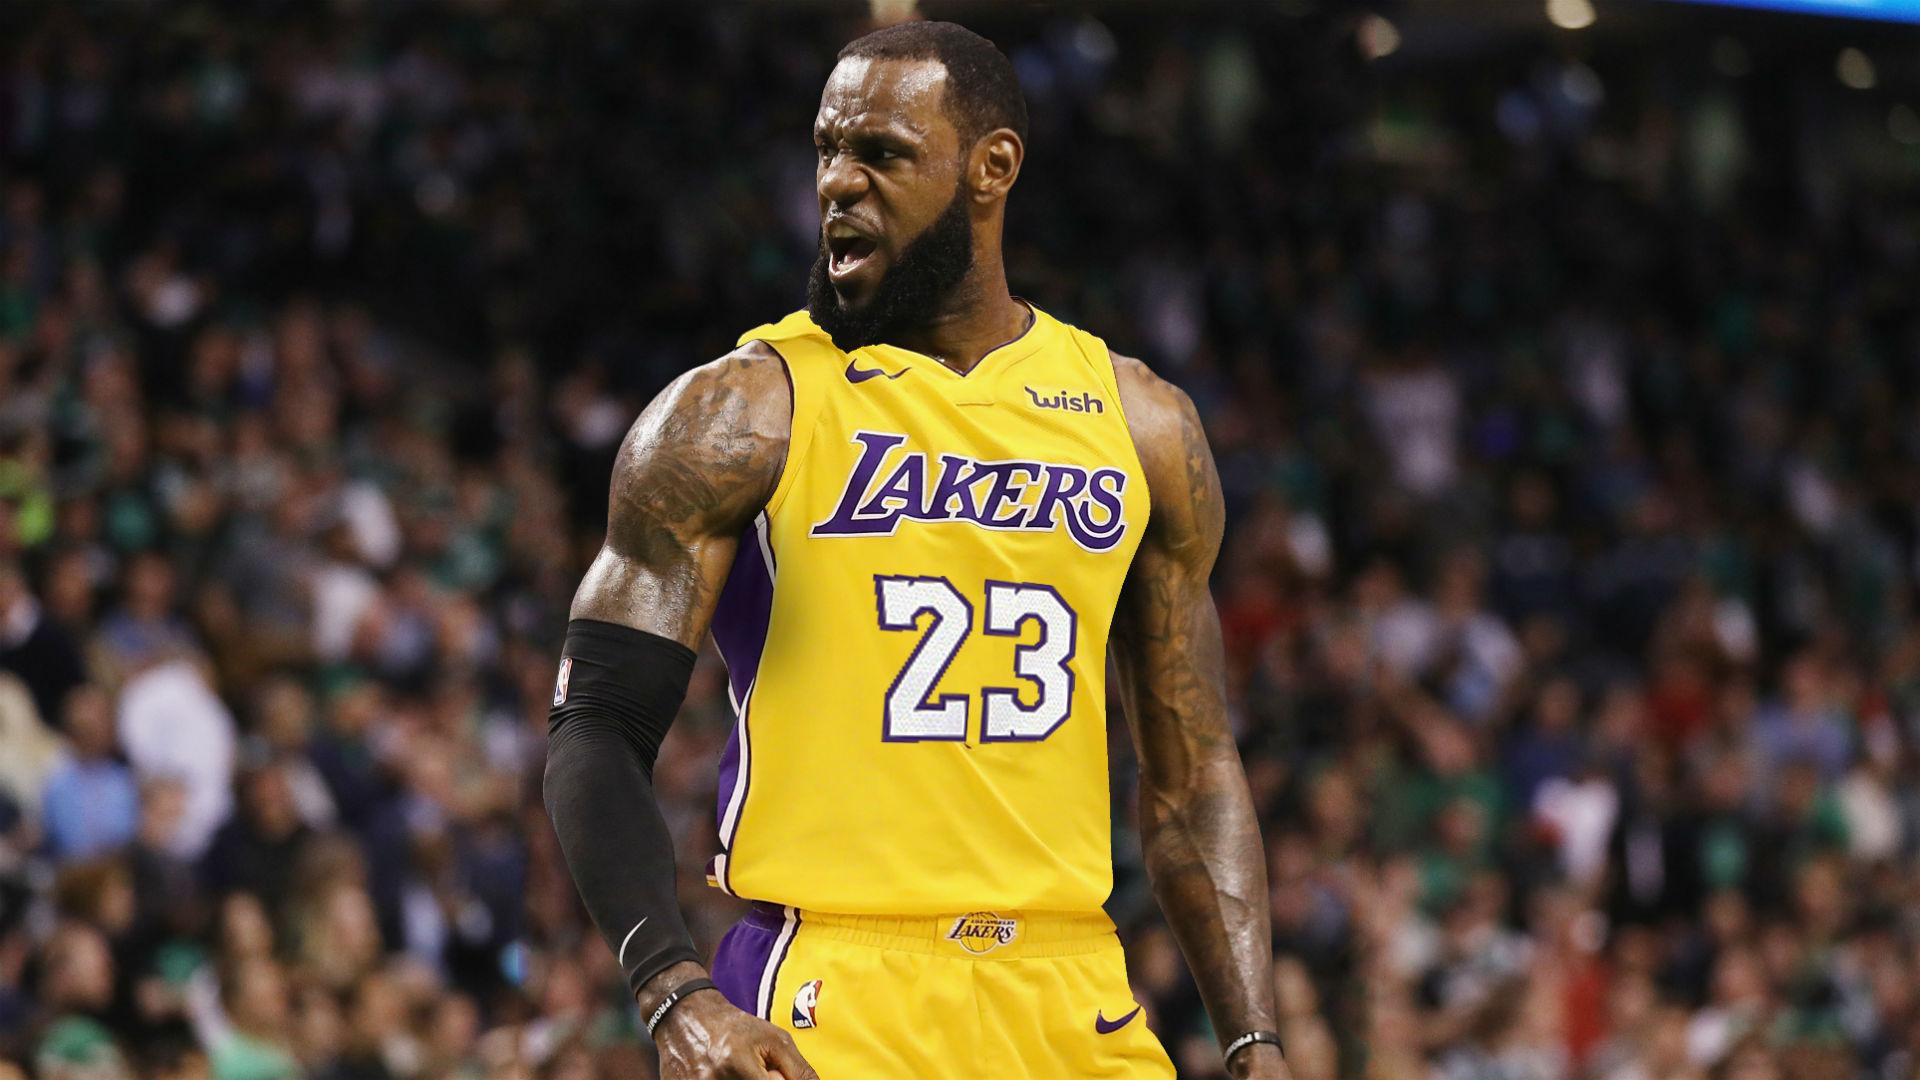 Toutes les affiches de NBA Christmas sont connues - la ligue régale